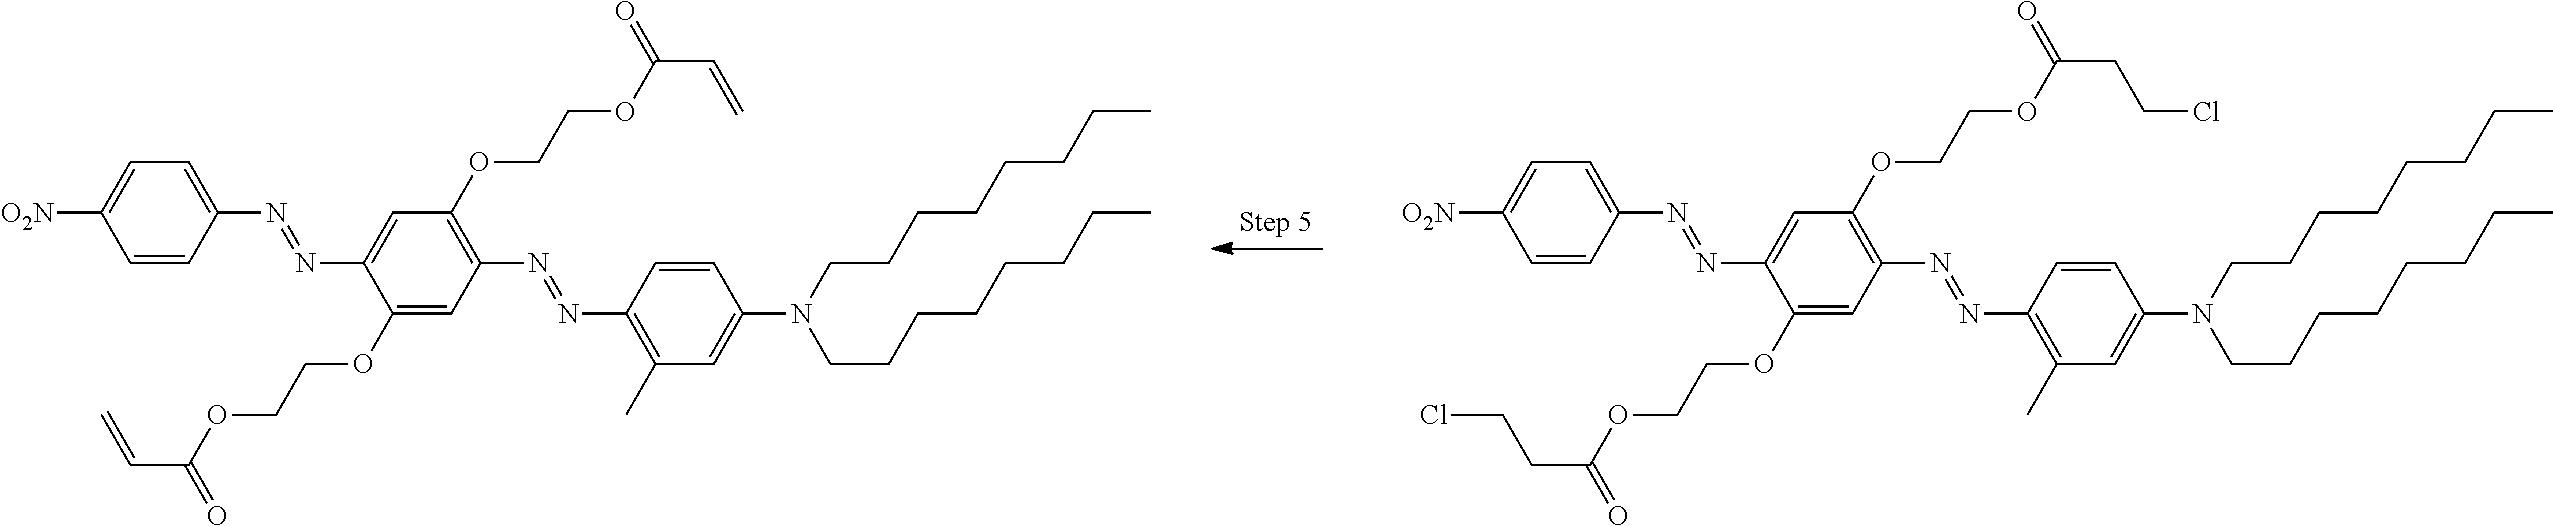 Figure US10308744-20190604-C00068